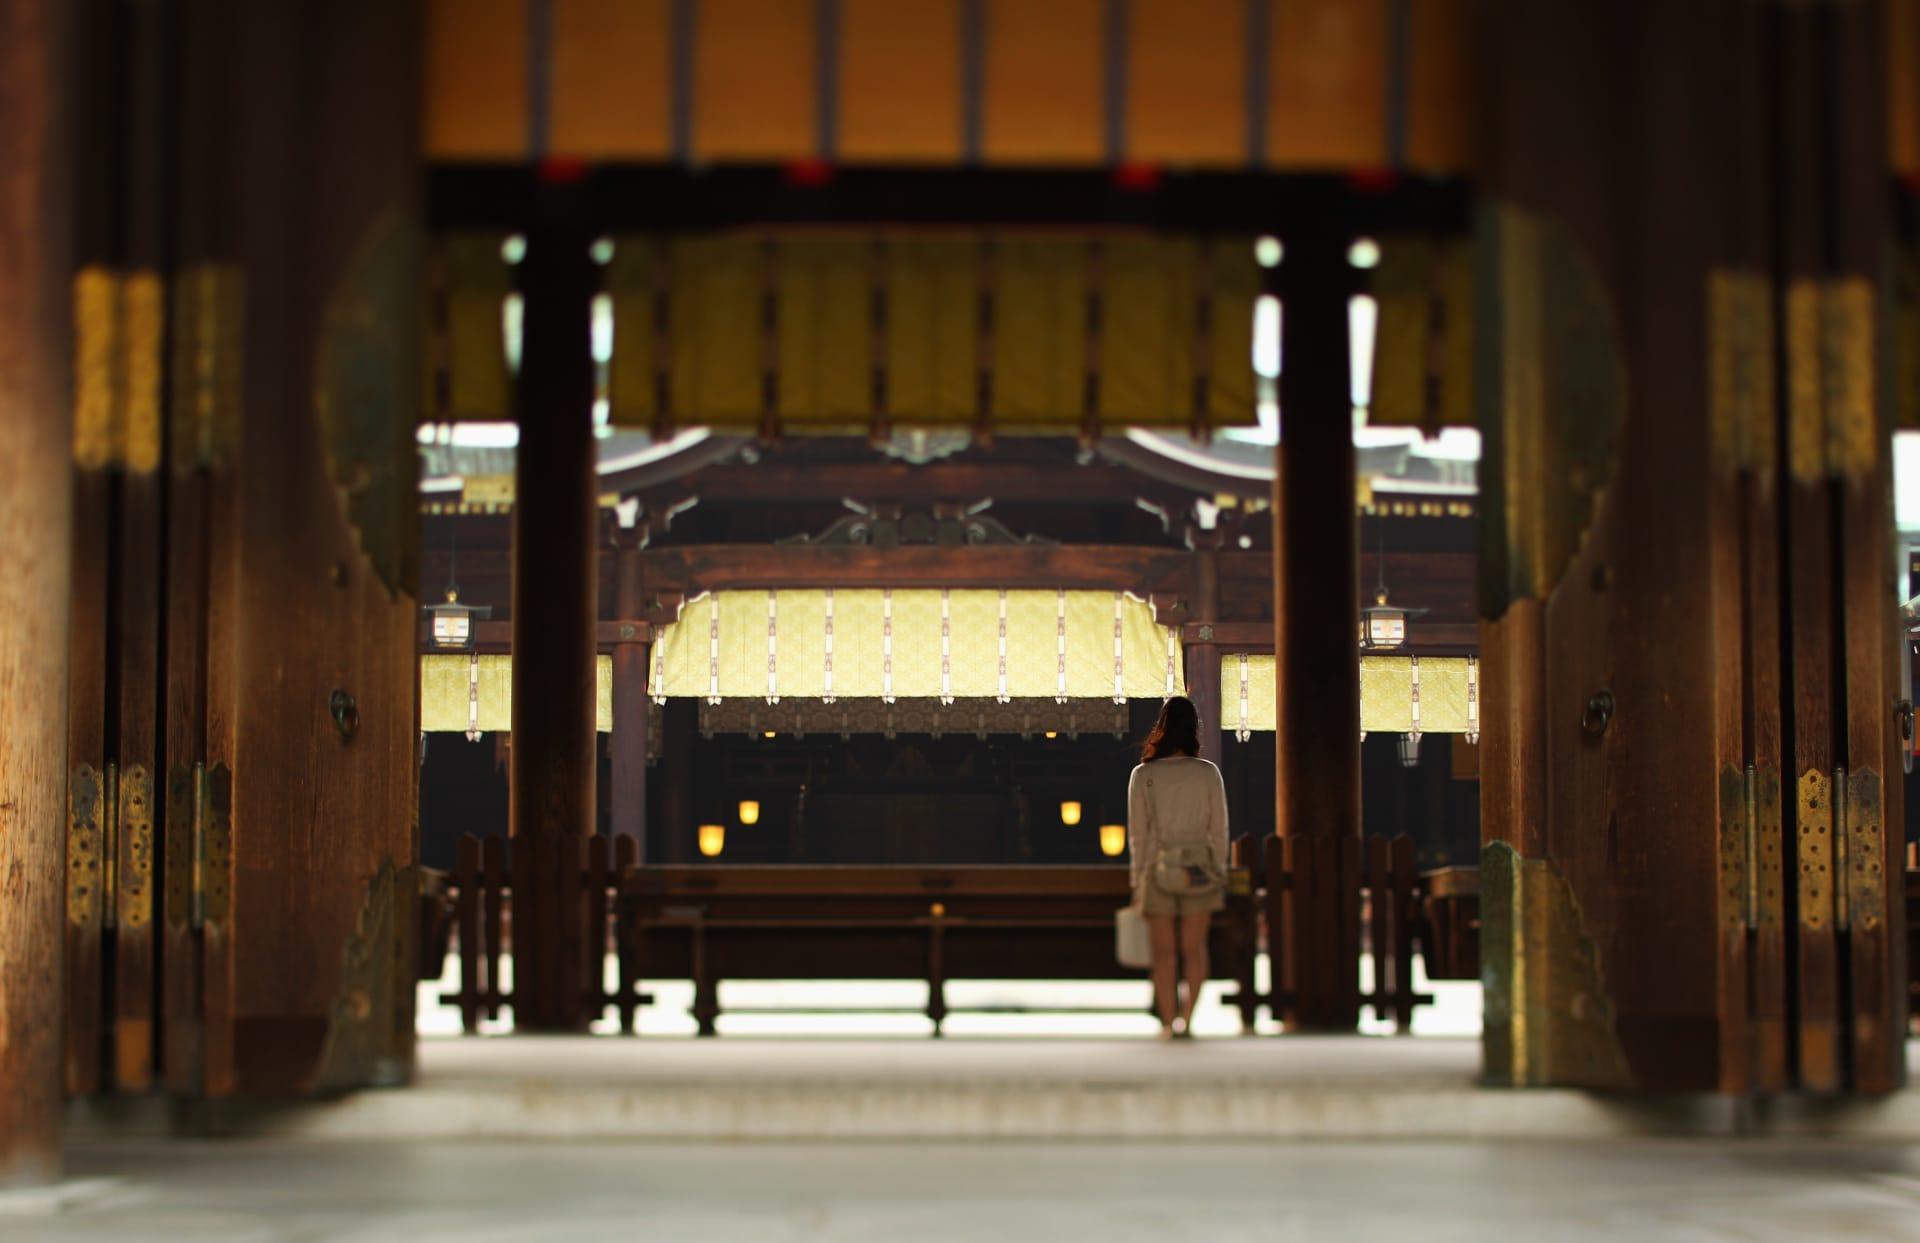 ضريح ميجي في اليابان.. موقع زفاف يليق بأميرة